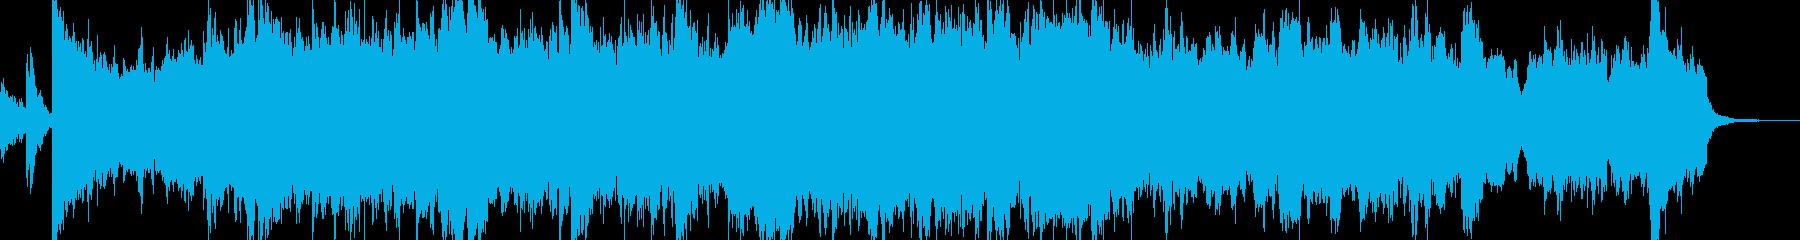 イメージはエンドロール、シネマサウンズの再生済みの波形